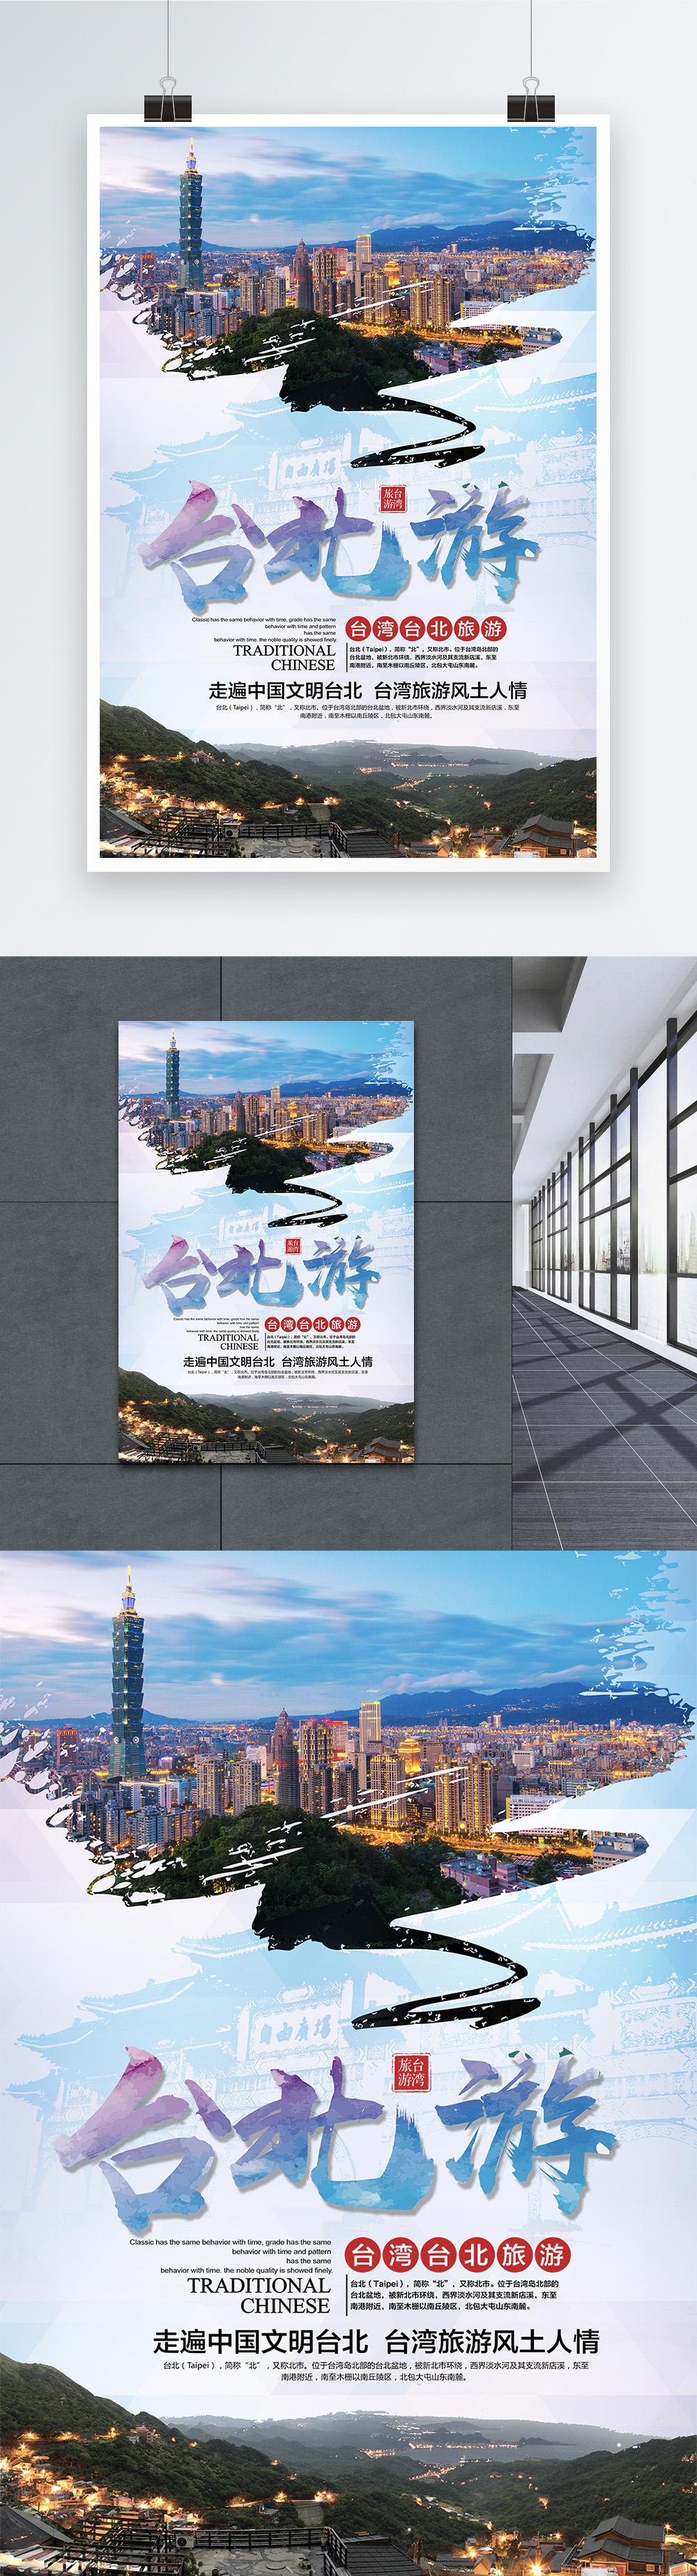 北京印象海报图片素材编号400667619_prf高清图片免费